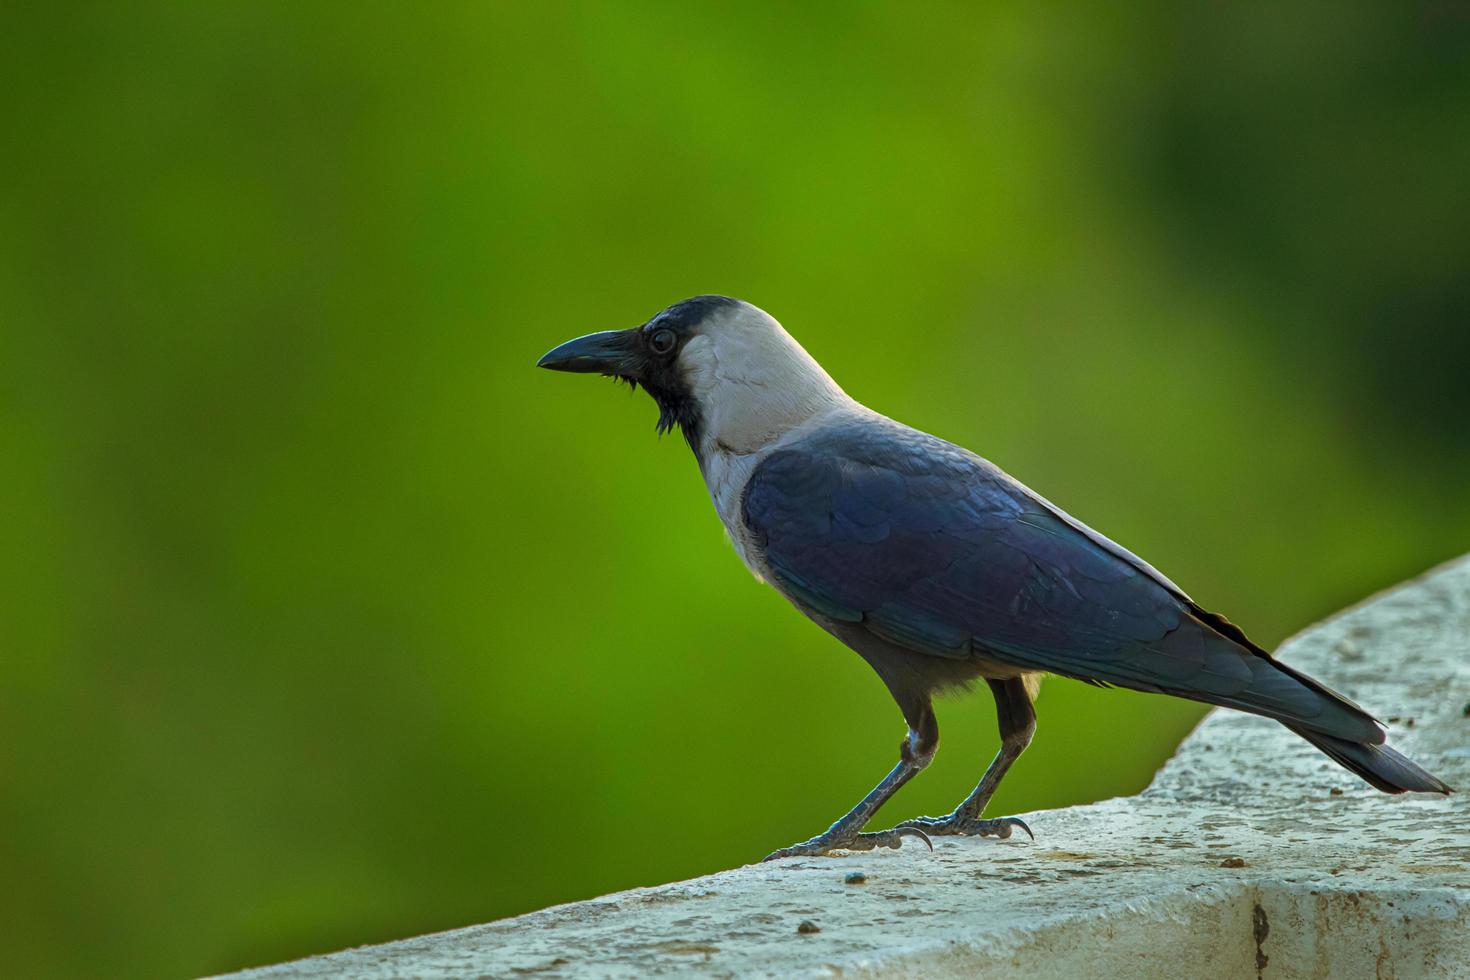 närbild av en svart och grå fågel foto